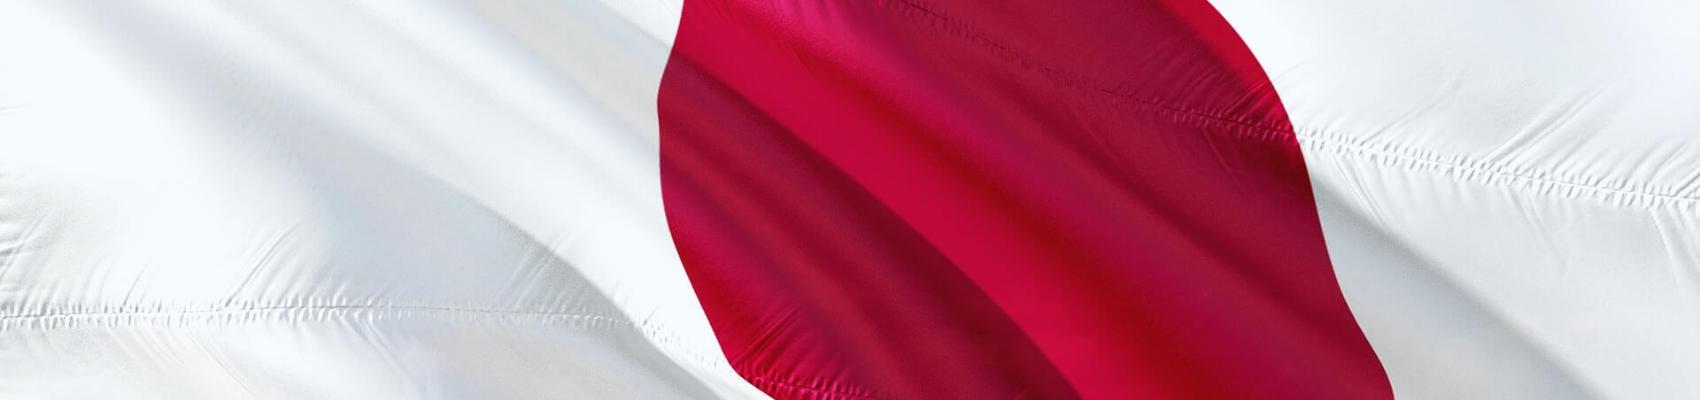 La Bresaola valtellinese sbarca in Giappone